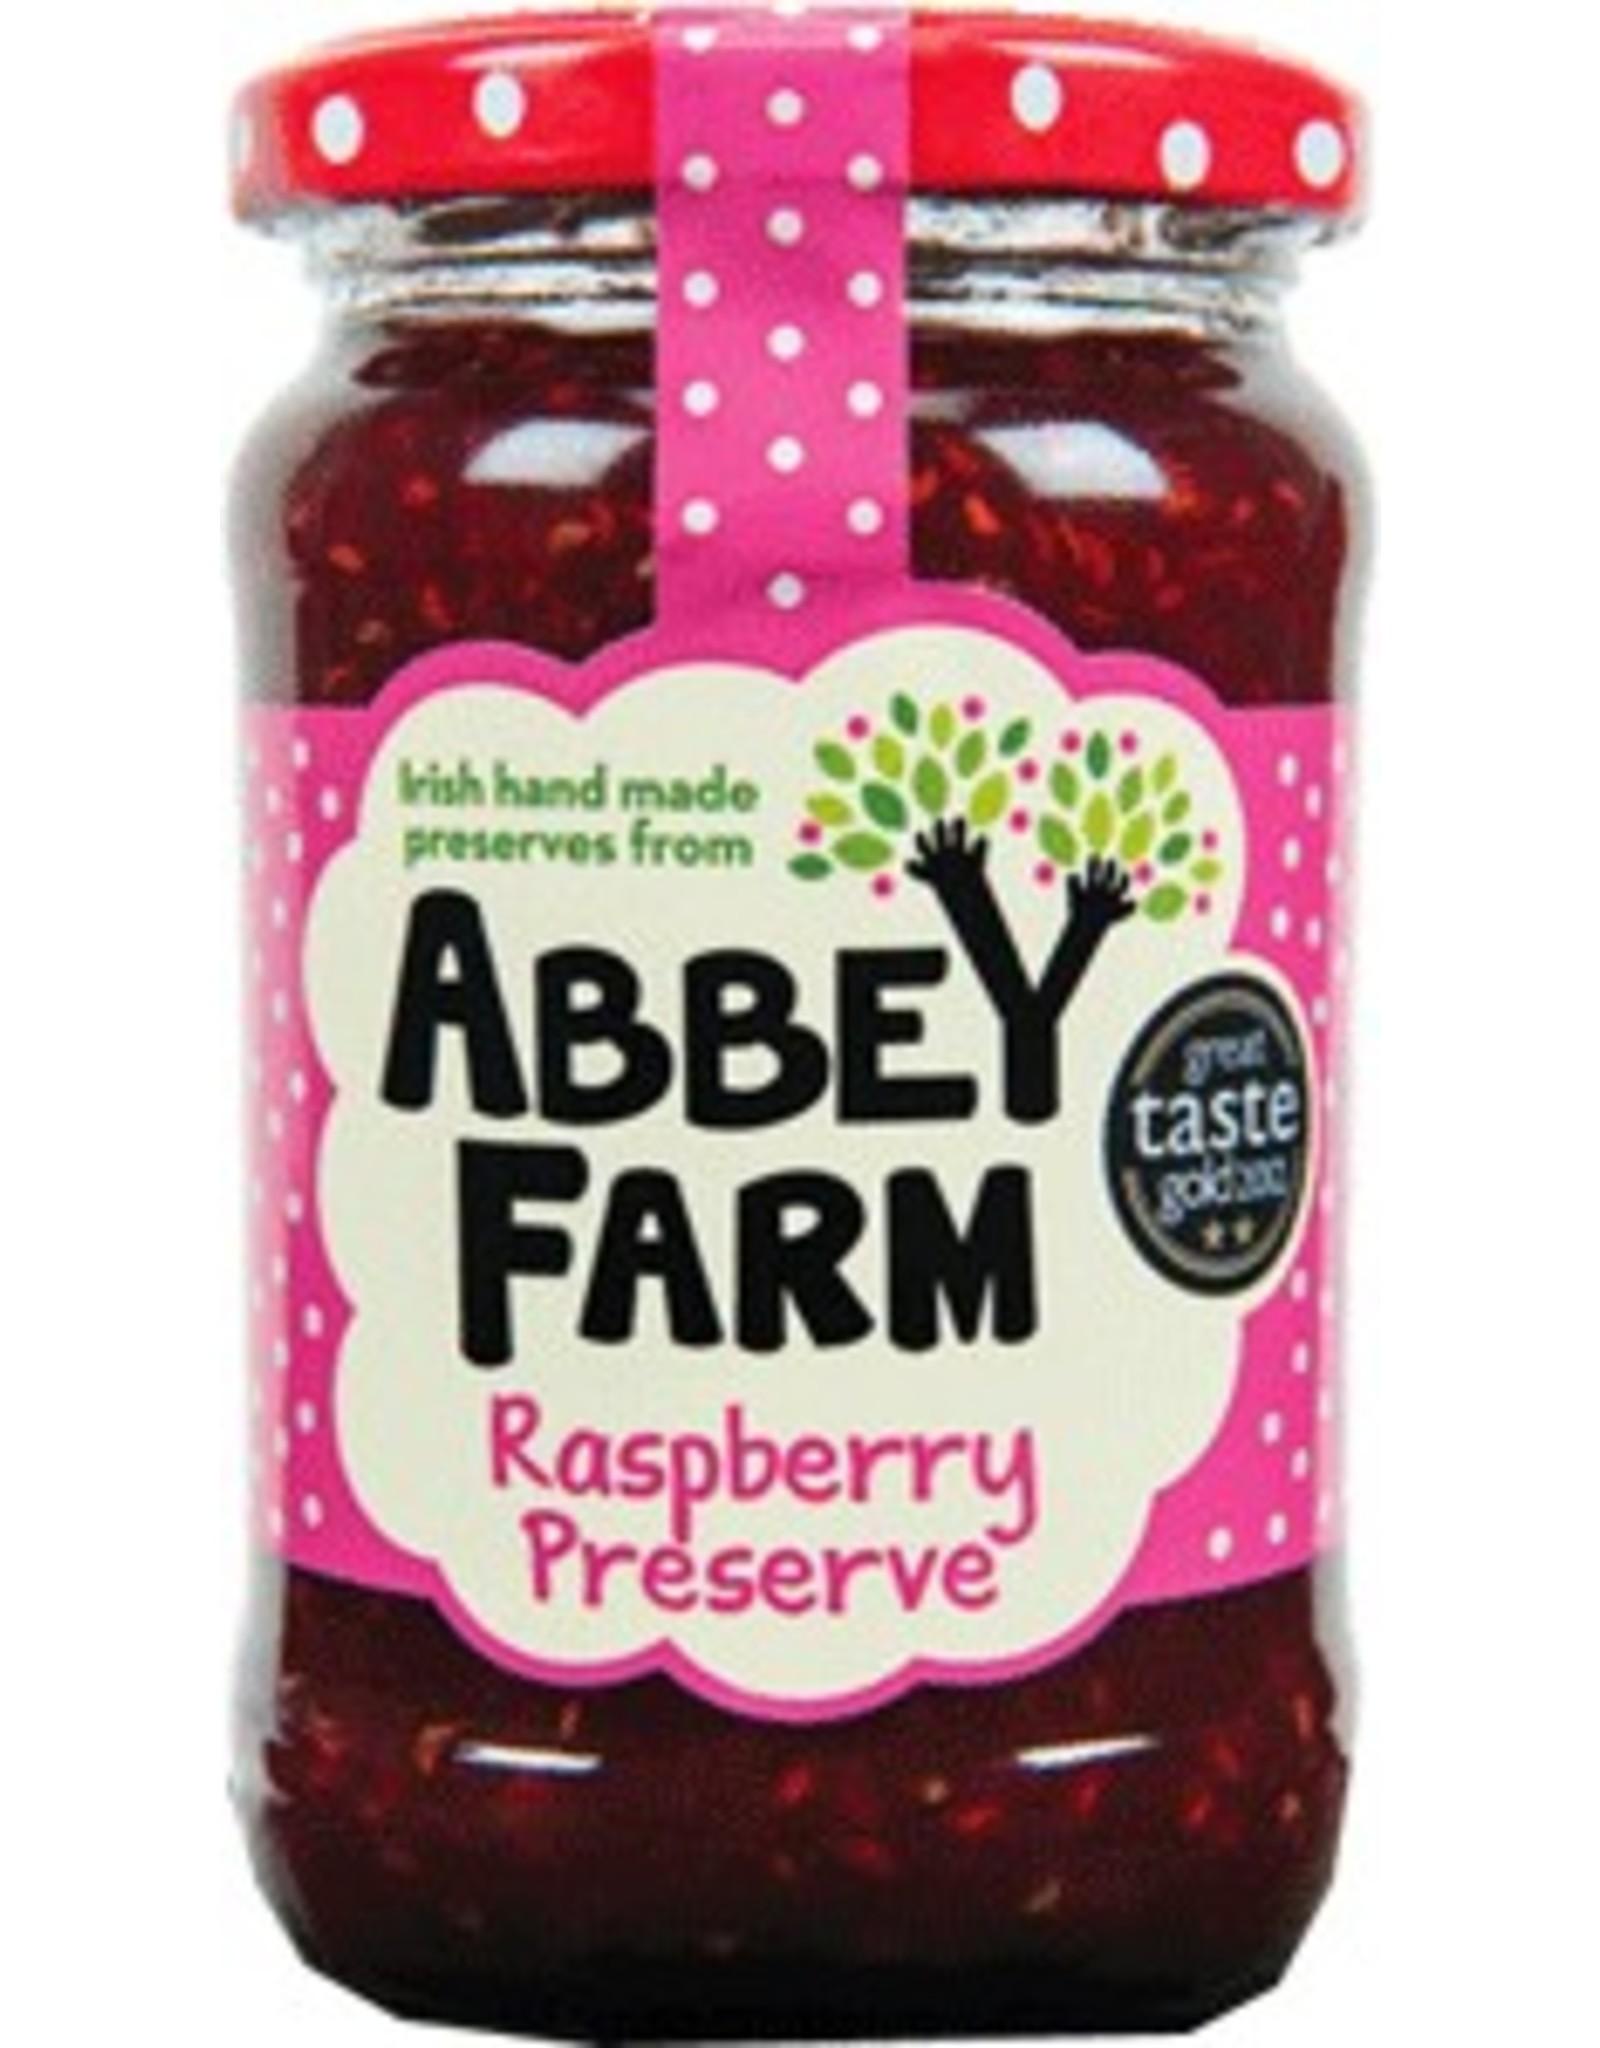 Abbey Farm Abbey Farm Irish Raspberry Preserve 340g (12oz)